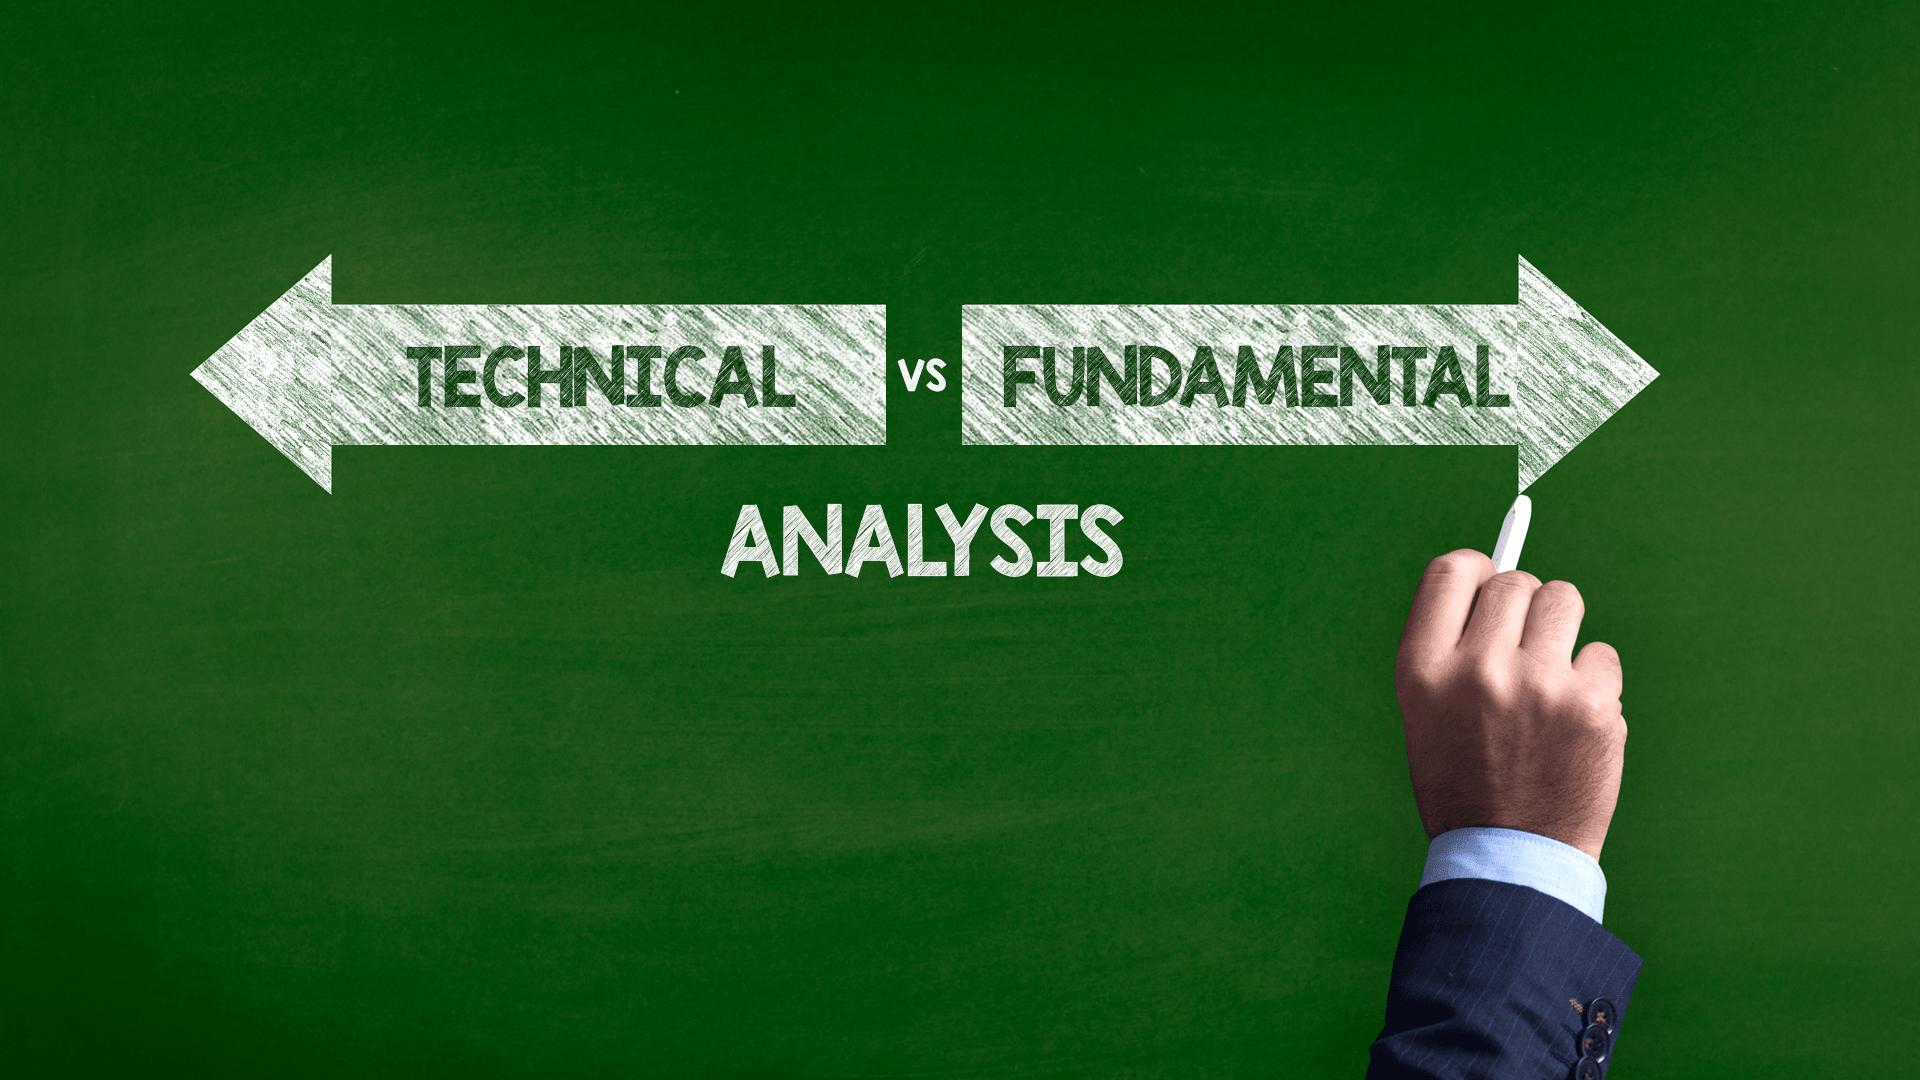 مقایسه تحلیل تکنیکال و فاندامنتال